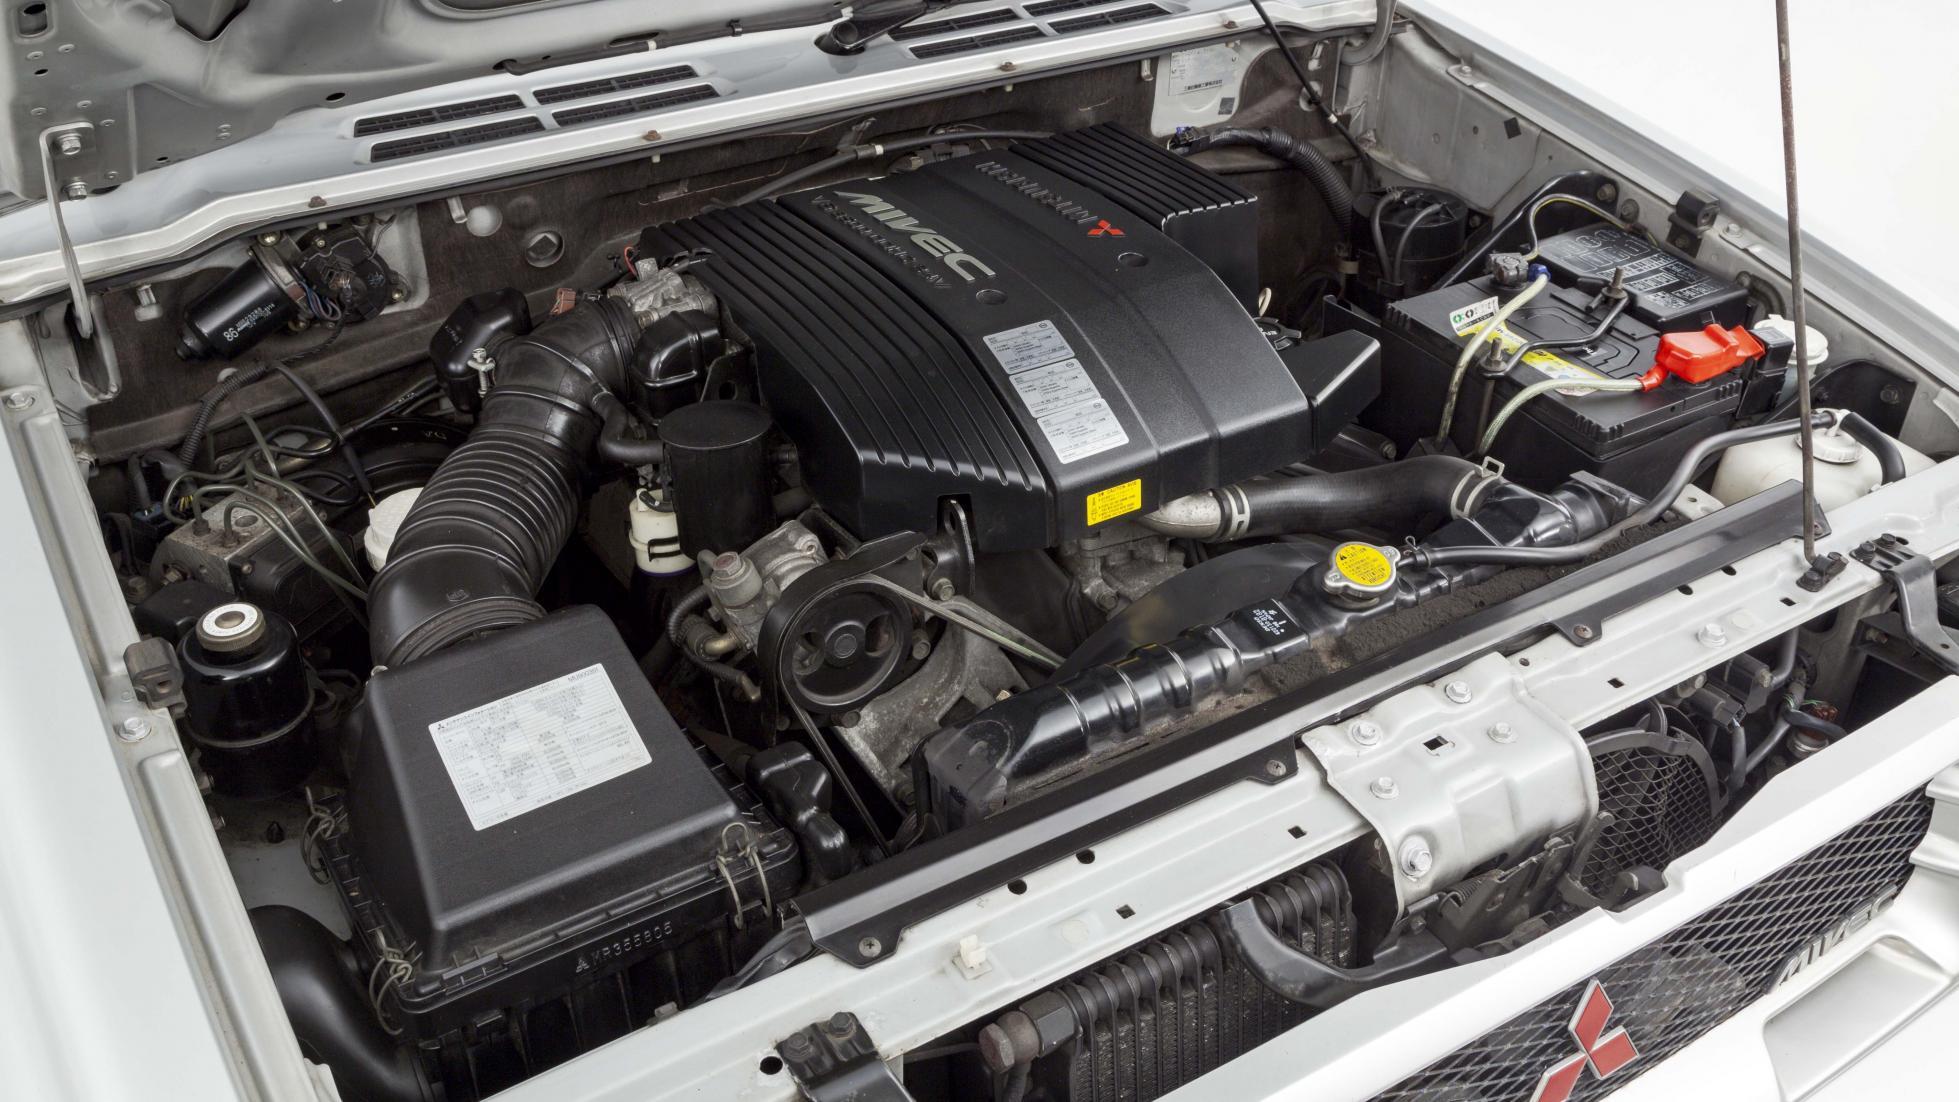 Редчайший заряженный Mitsubishi Pajero продают по цене VW Golf